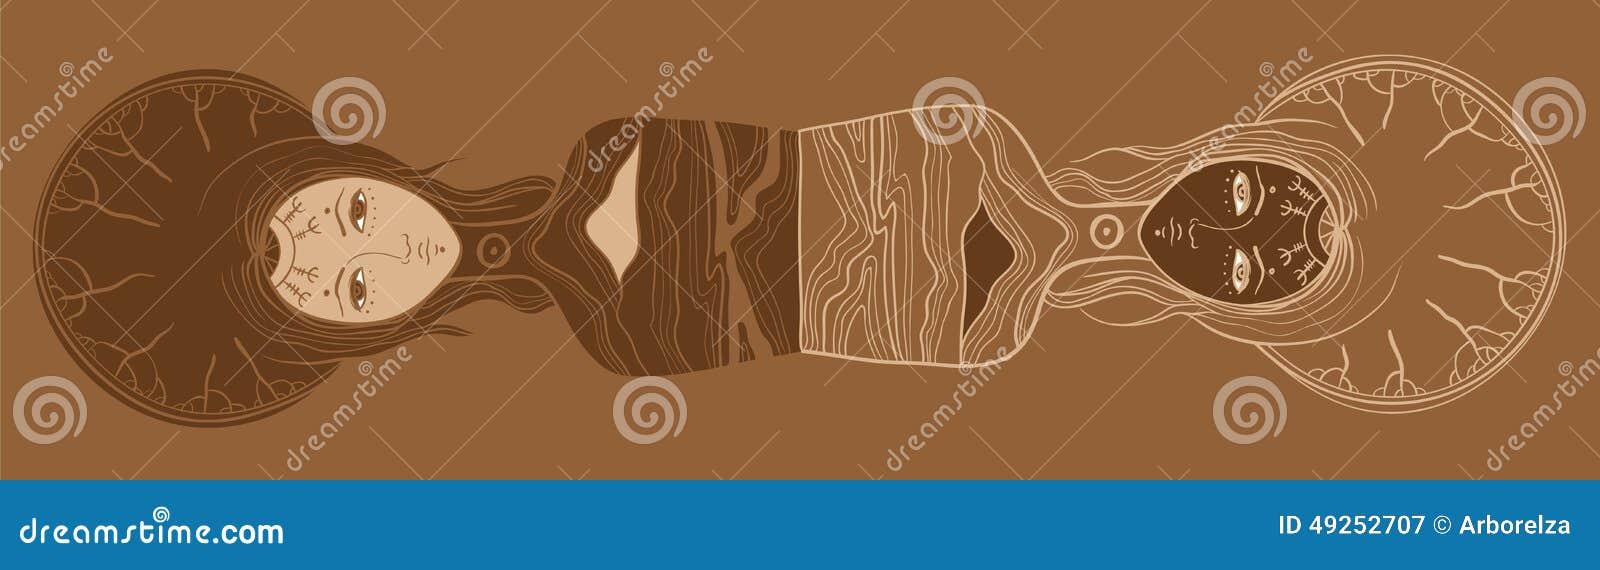 Wektorowa ilustracja bliźniacy, Yin, Yang, ciało i dusza, dualizm